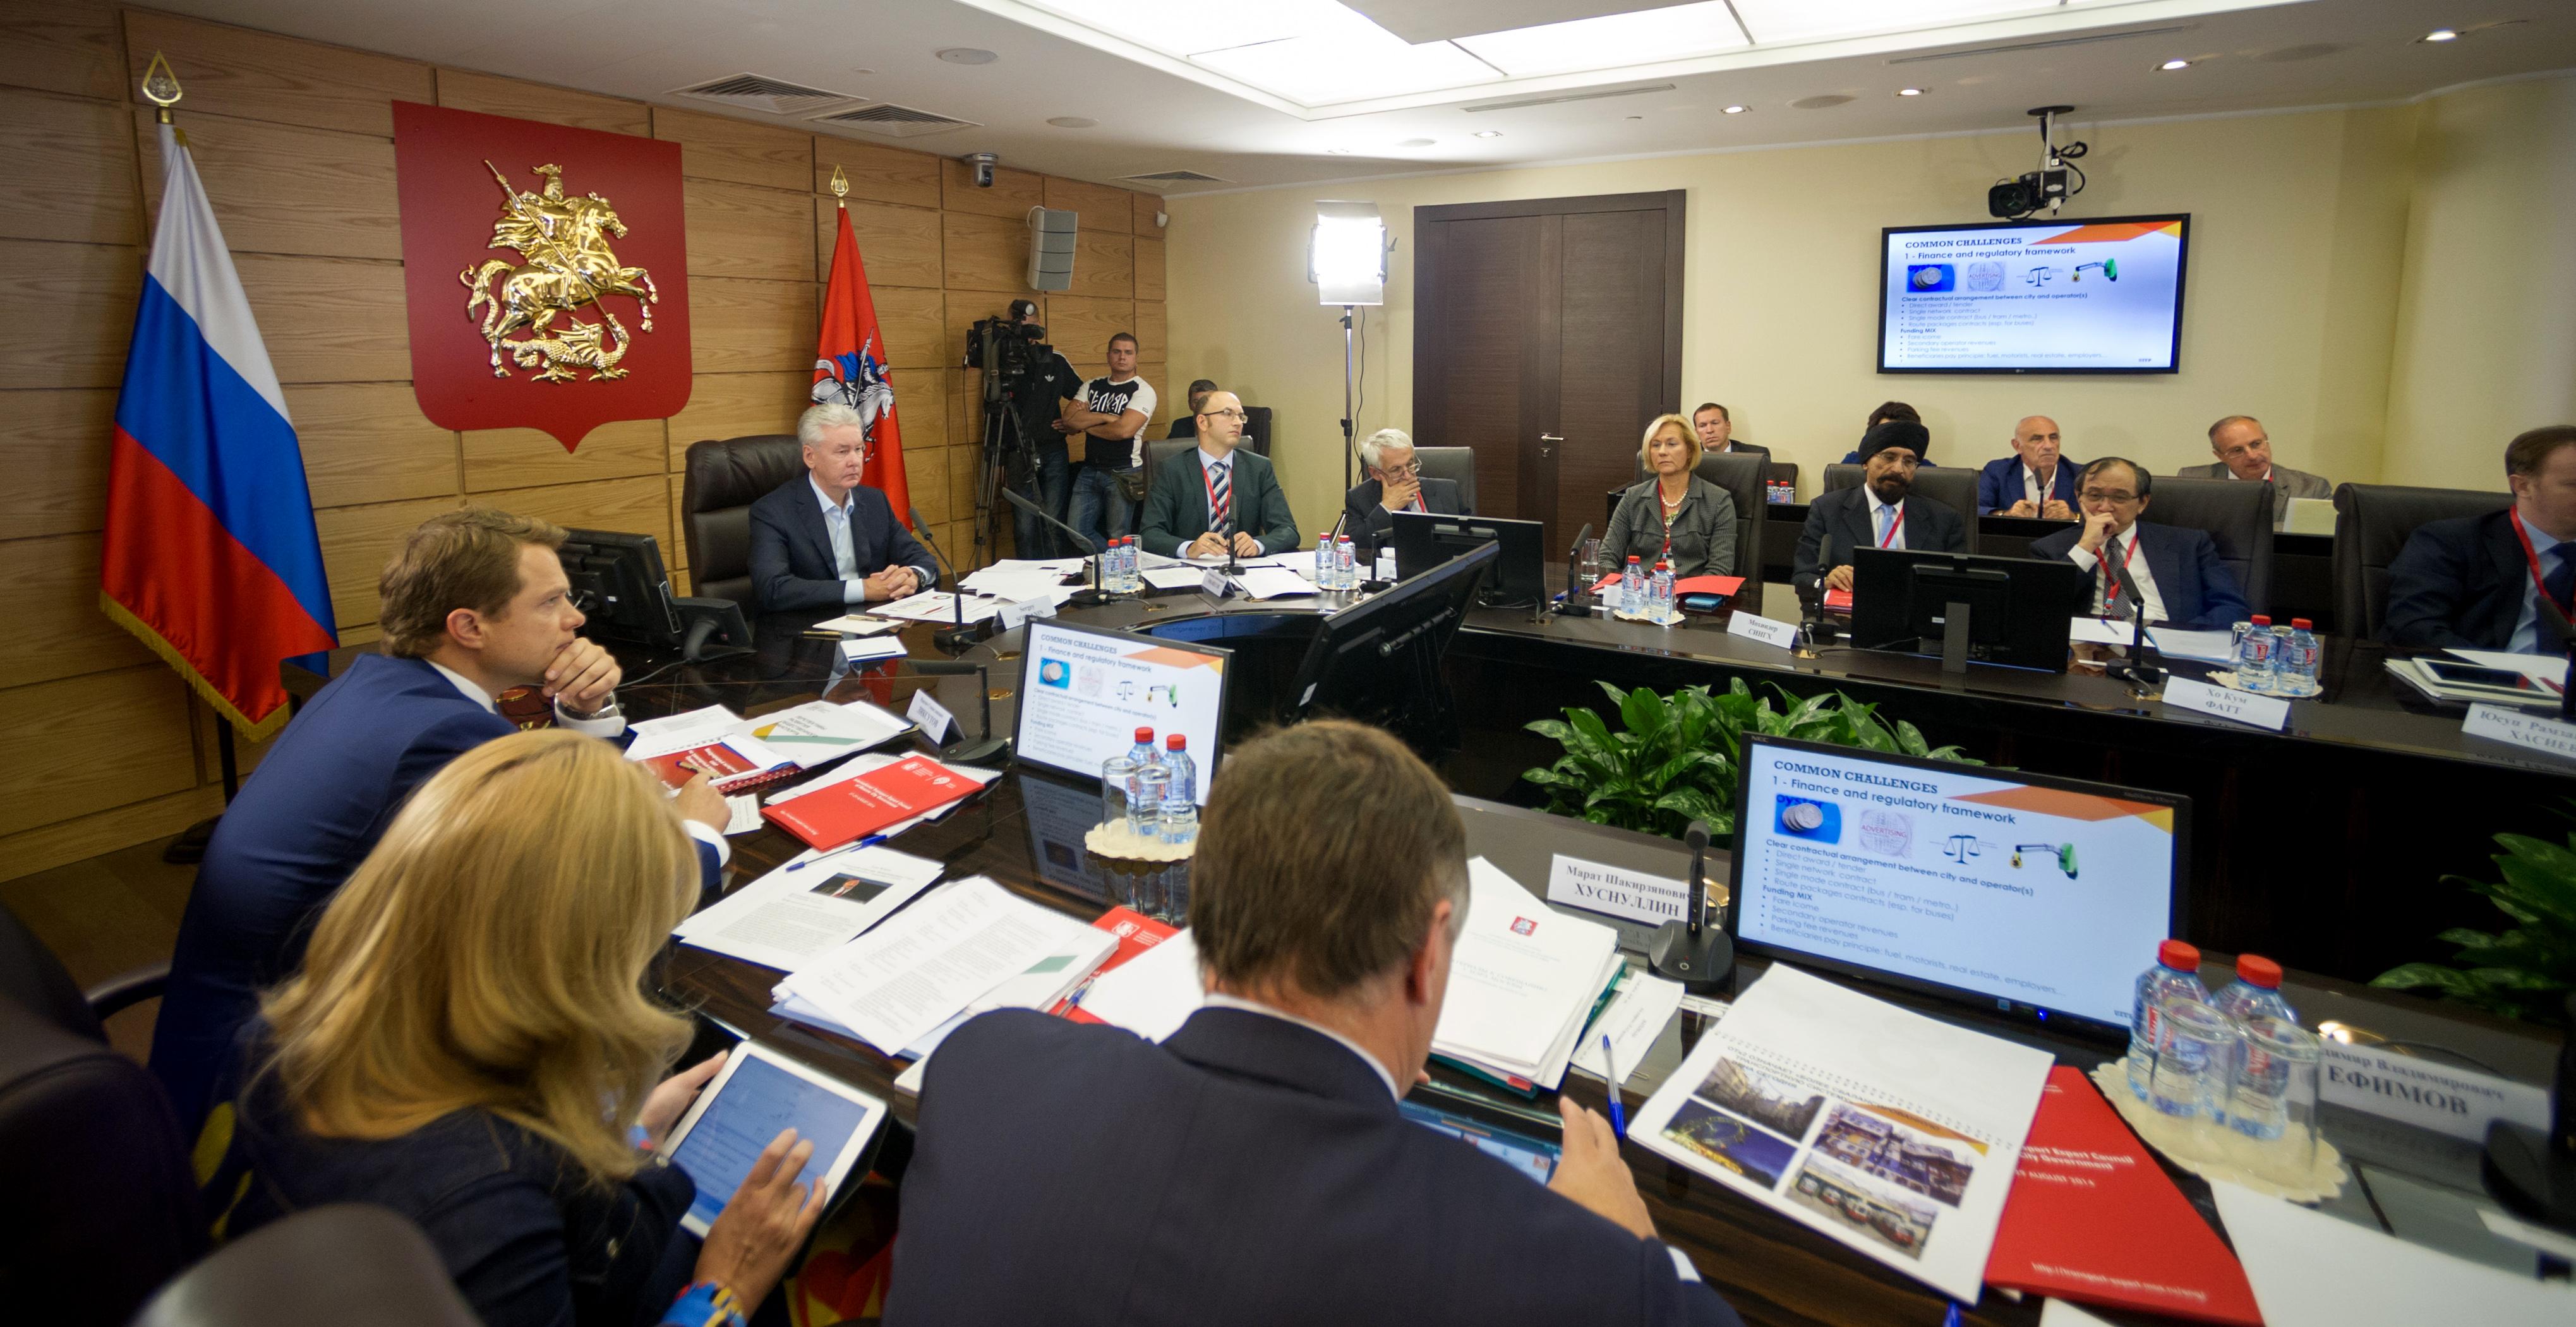 Конференция экспертного совета по транспортным вопросам